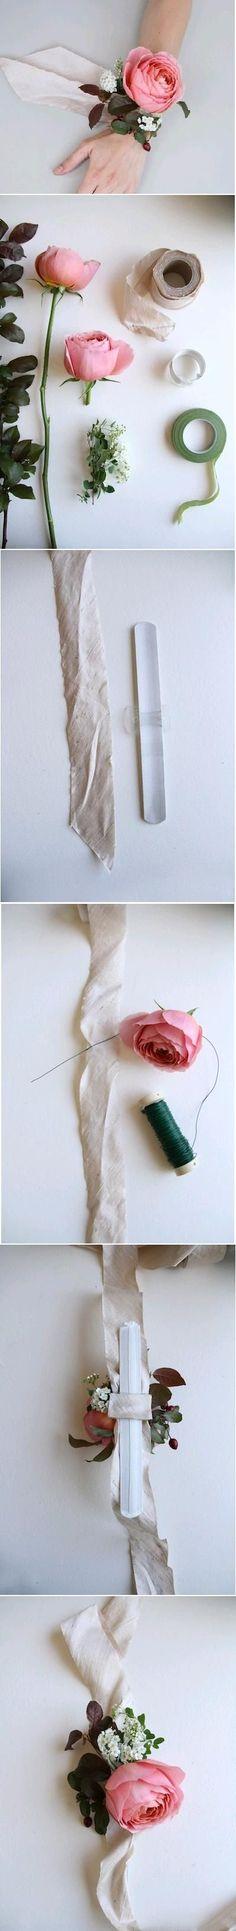 DIY Wedding Wrist Flower DIY Projects